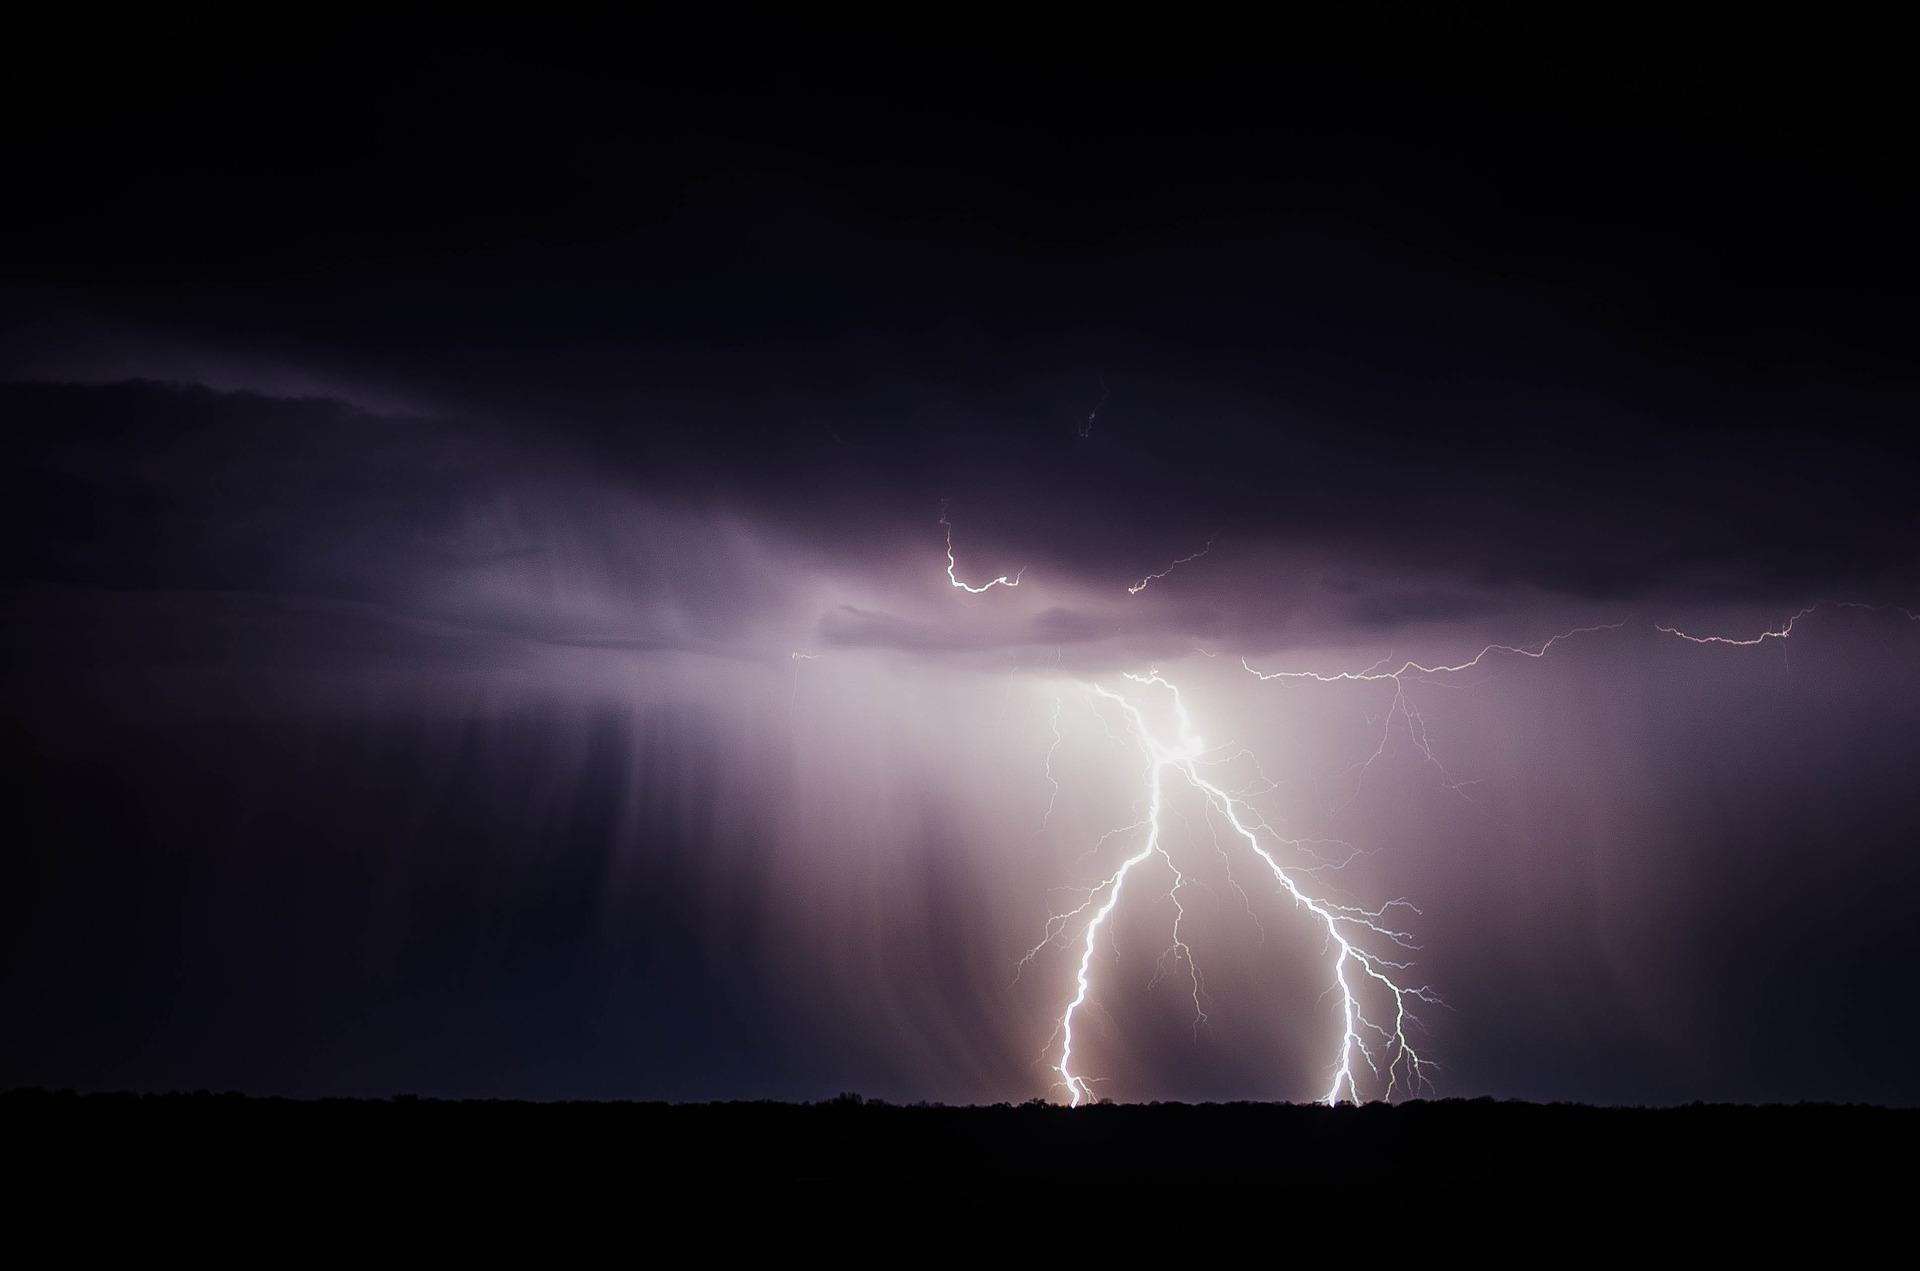 Burza w mieście i okolicach. Kiedy może dotrzeć do Płocka?  - Zdjęcie główne